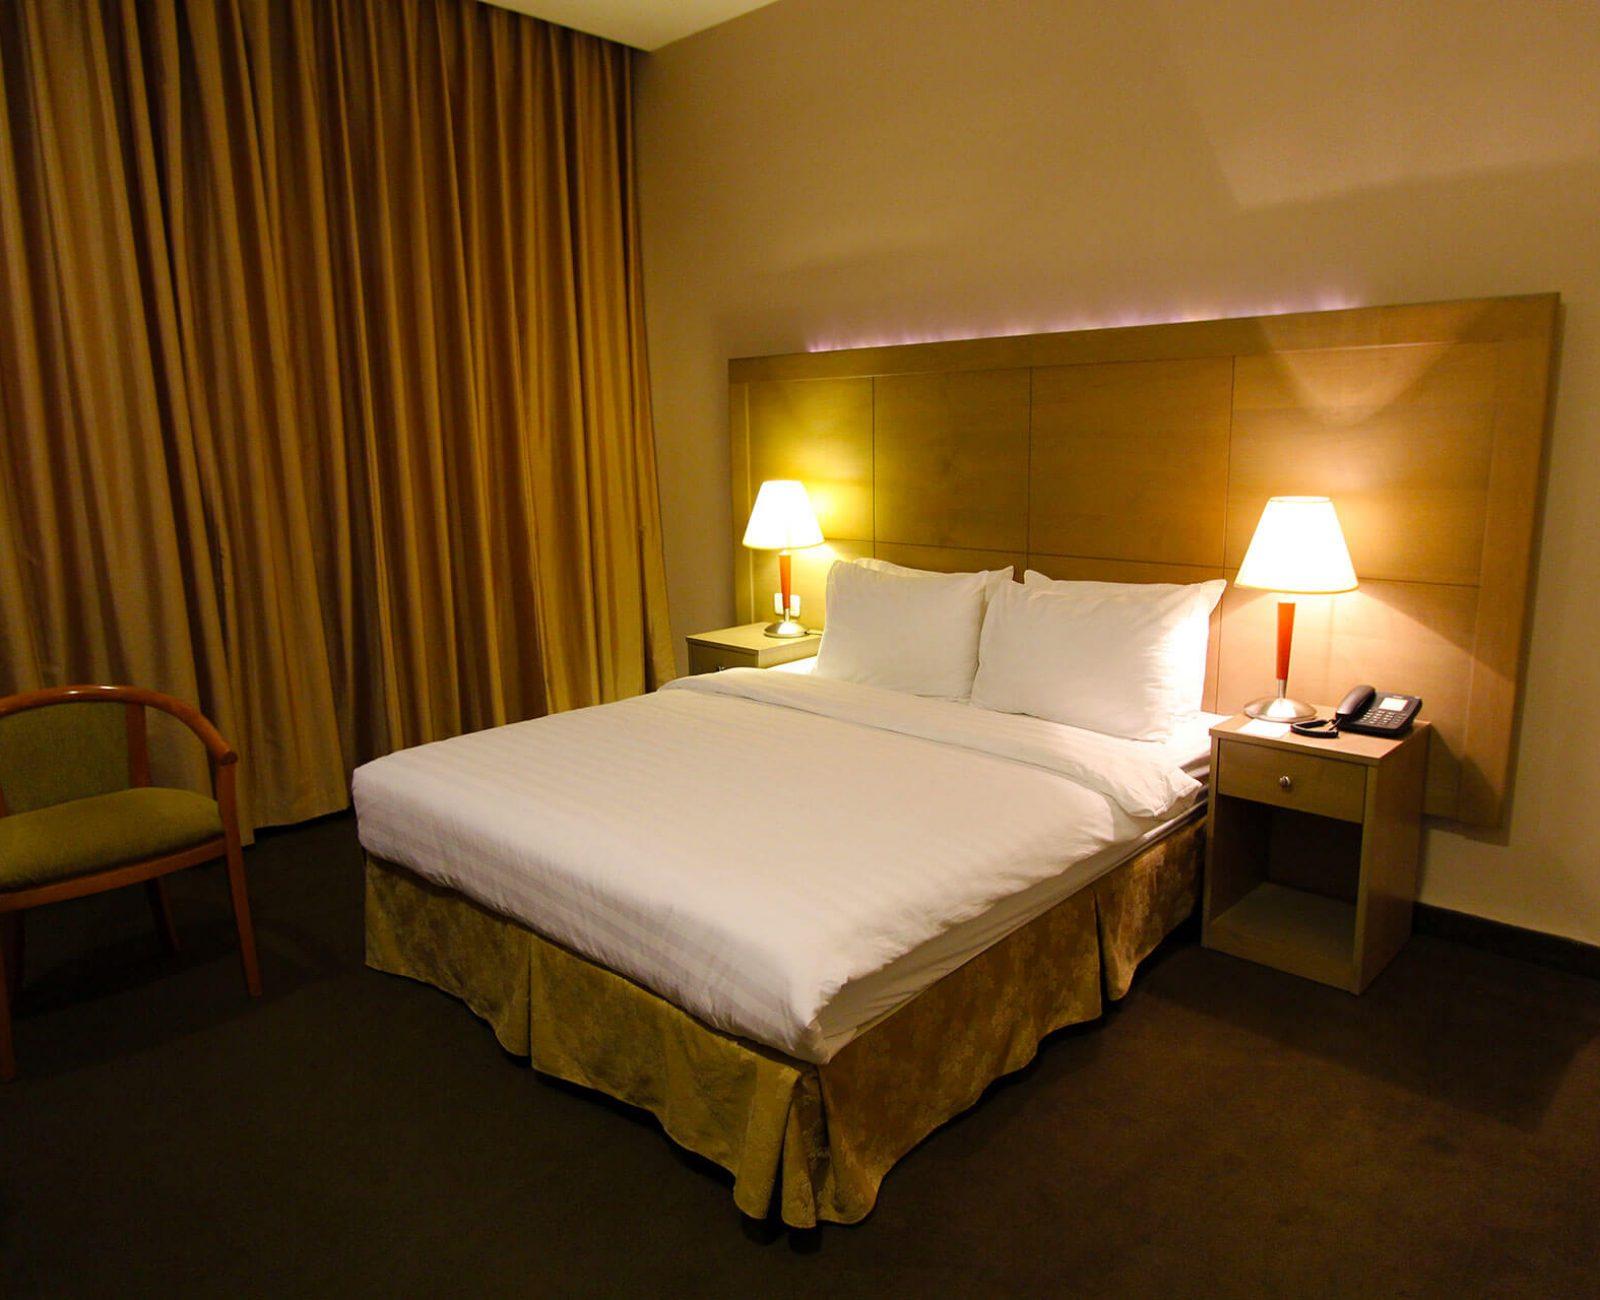 Ritz hotel_Standard Double Room (1)